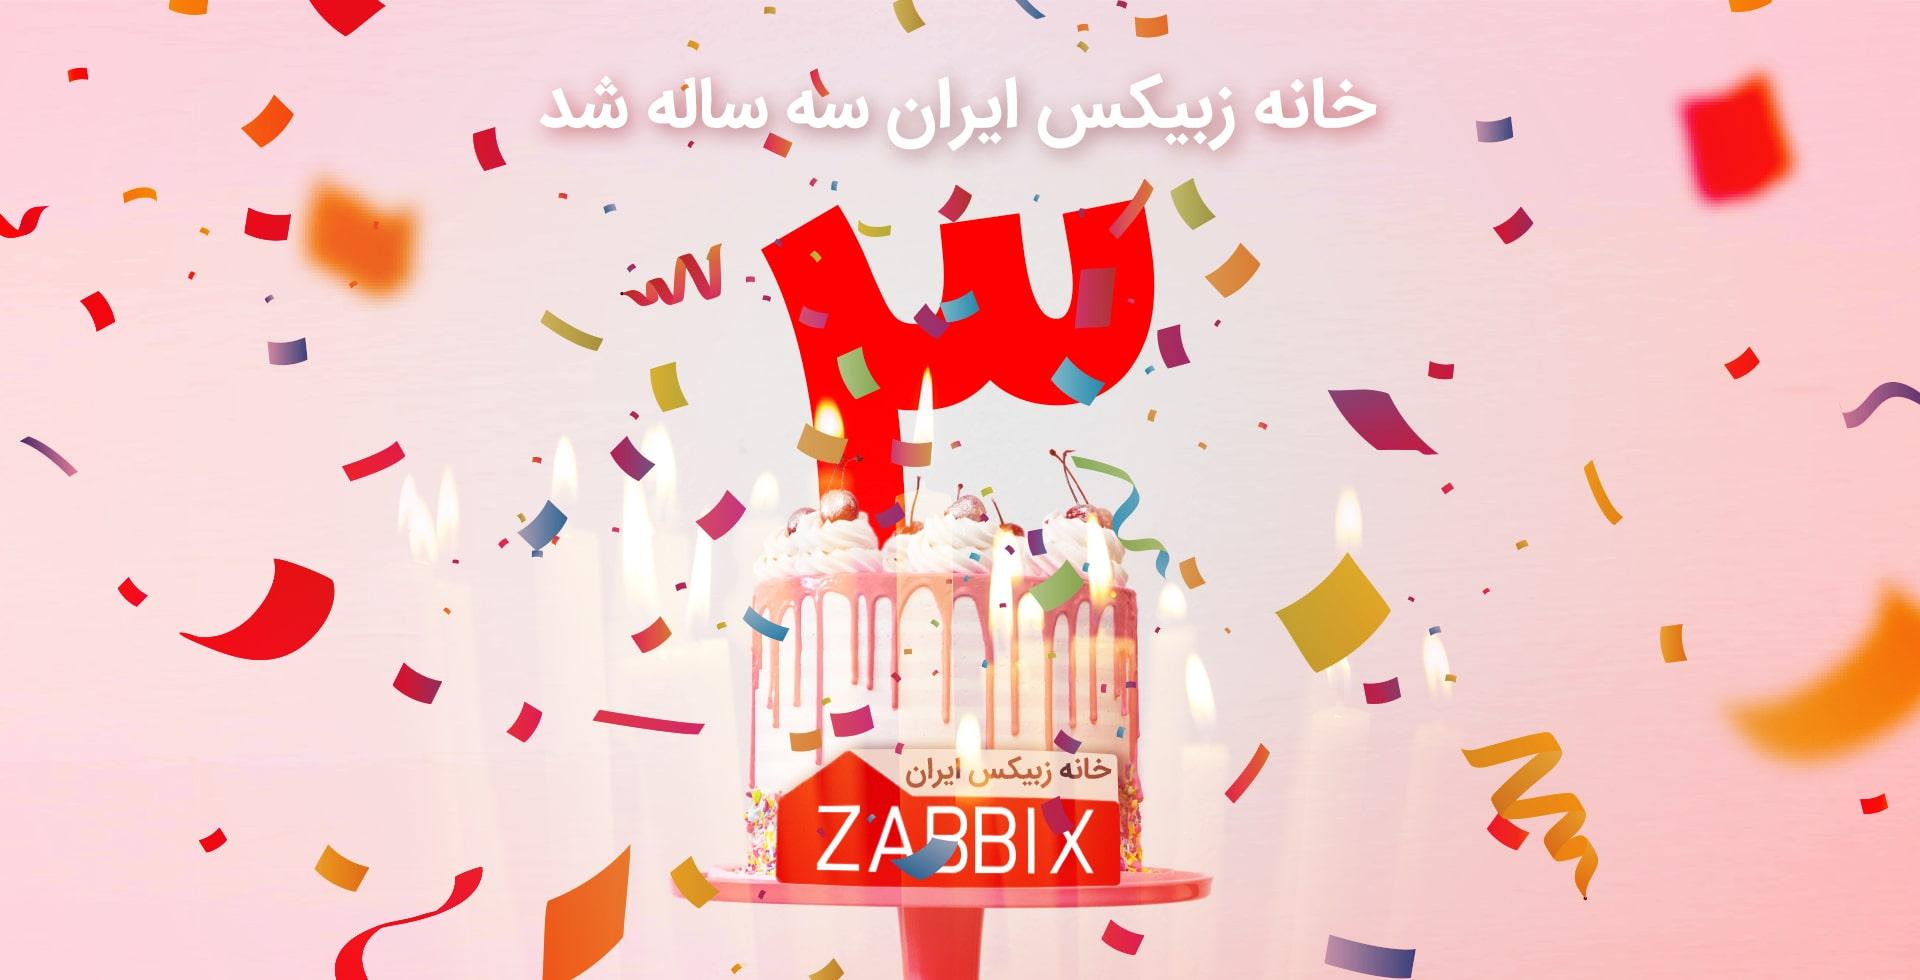 خانه زبیکس ایران ۳ ساله شد.